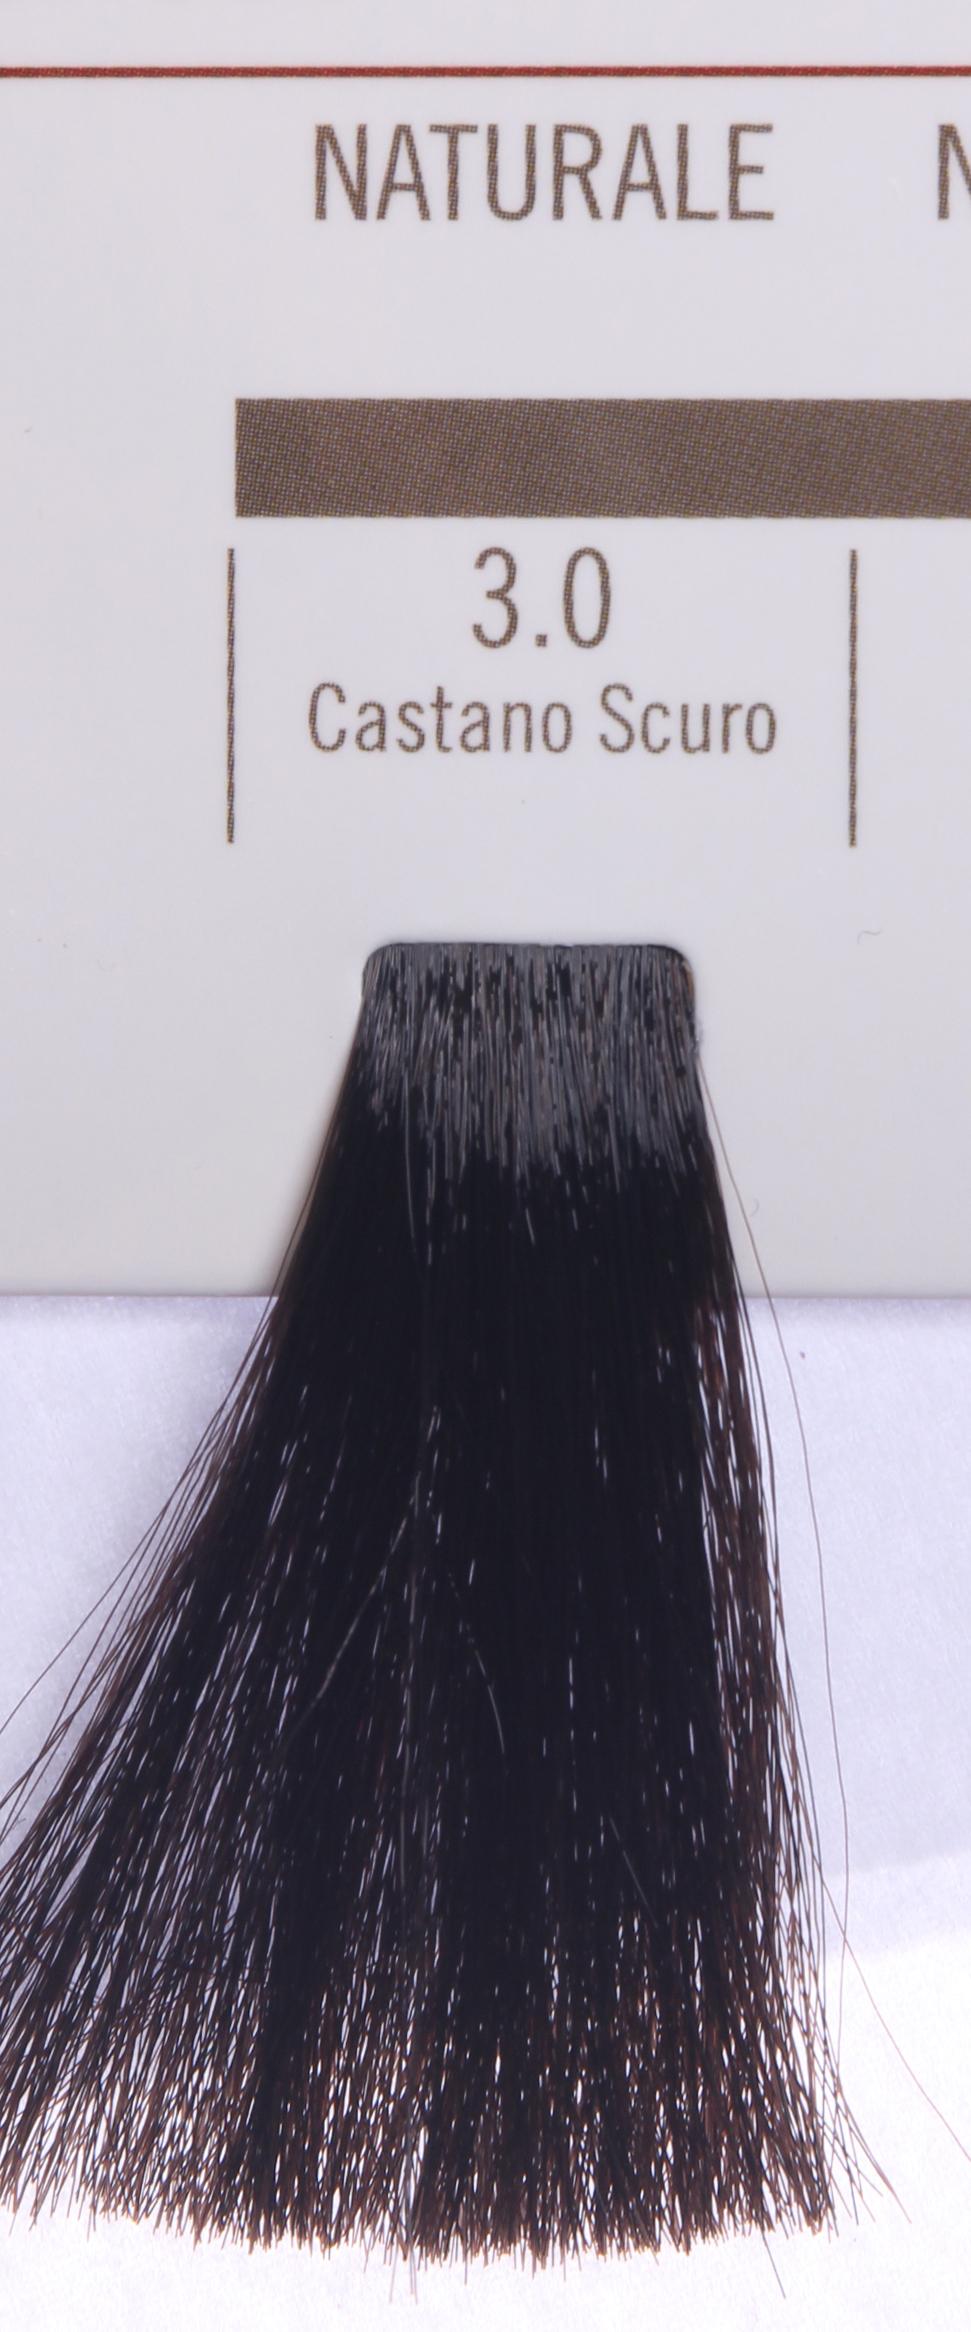 BAREX 3.0 краска для волос / PERMESSE 100млКраски<br>Оттенок: Темный каштан. Профессиональная крем-краска Permesse отличается низким содержанием аммиака - от 1 до 1,5%. Обеспечивает блестящий и натуральный косметический цвет, 100% покрытие седых волос, идеальное осветление, стойкость и насыщенность цвета до следующего окрашивания. Комплекс сертифицированных органических пептидов M4, входящих в состав, действует с момента нанесения, увлажняя волосы, придавая им прочность и защиту. Пептиды избирательно оседают в самых поврежденных участках волоса, восстанавливая и защищая их. Масло карите оказывает смягчающее и успокаивающее действие. Комплекс пептидов и масло карите стимулируют проникновение пигментов вглубь структуры волоса, придавая им здоровый вид, блеск и долговечность косметическому цвету. Активные ингредиенты:&amp;nbsp;Сертифицированные органические пептиды М4 - пептиды овса, бразильского ореха, сои и пшеницы, объединенные в полифункциональный комплекс, придающий прочность окрашенным волосам, увлажняющий и защищающий их. Сертифицированное органическое масло карите (масло ши) - богато жирными кислотами, экстрагируется из ореха африканского дерева карите. Оказывает смягчающий и целебный эффект на кожу и волосы, широко применяется в косметической индустрии. Масло карите защищает волосы от неблагоприятного воздействия внешней среды, интенсивно увлажняет кожу и волосы, т.к. обладает высокой степенью абсорбции, не забивает поры. Способ применения:&amp;nbsp;Крем-краска готовится в смеси с Молочком-оксигентом Permesse 10/20/30/40 объемов в соотношении 1:1 (например, 50 мл крем-краски + 50 мл молочка-оксигента). Молочко-оксигент работает в сочетании с крем-краской и гарантирует идеальное проявление краски. Тюбик крем-краски Permesse содержит 100 мл продукта, количество, достаточное для 2 полных нанесений. Всегда надевайте подходящие специальные перчатки перед подготовкой и нанесением краски. Подготавливайте смесь крем-краски и молочка-оксигента Permesse в неметаллическо